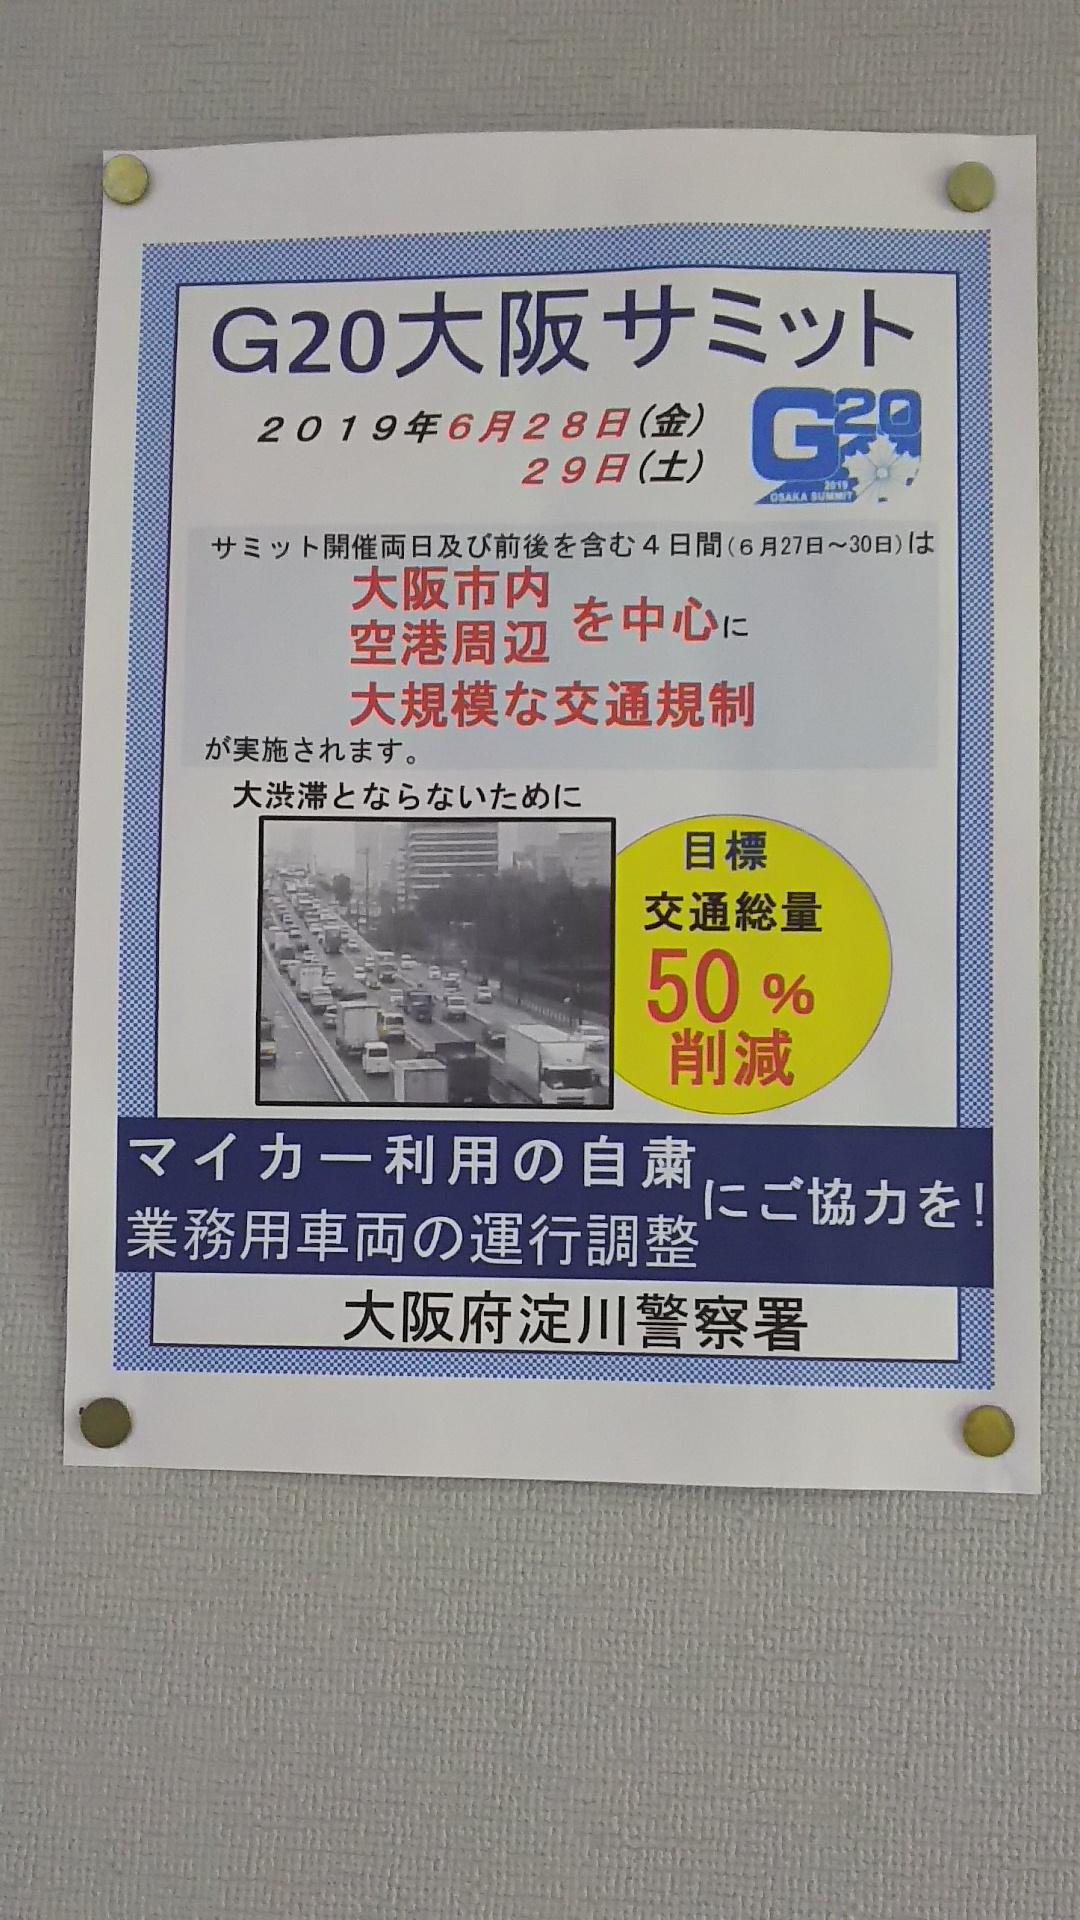 G20大阪サミット 交通規制 マイカー規制のお知らせ